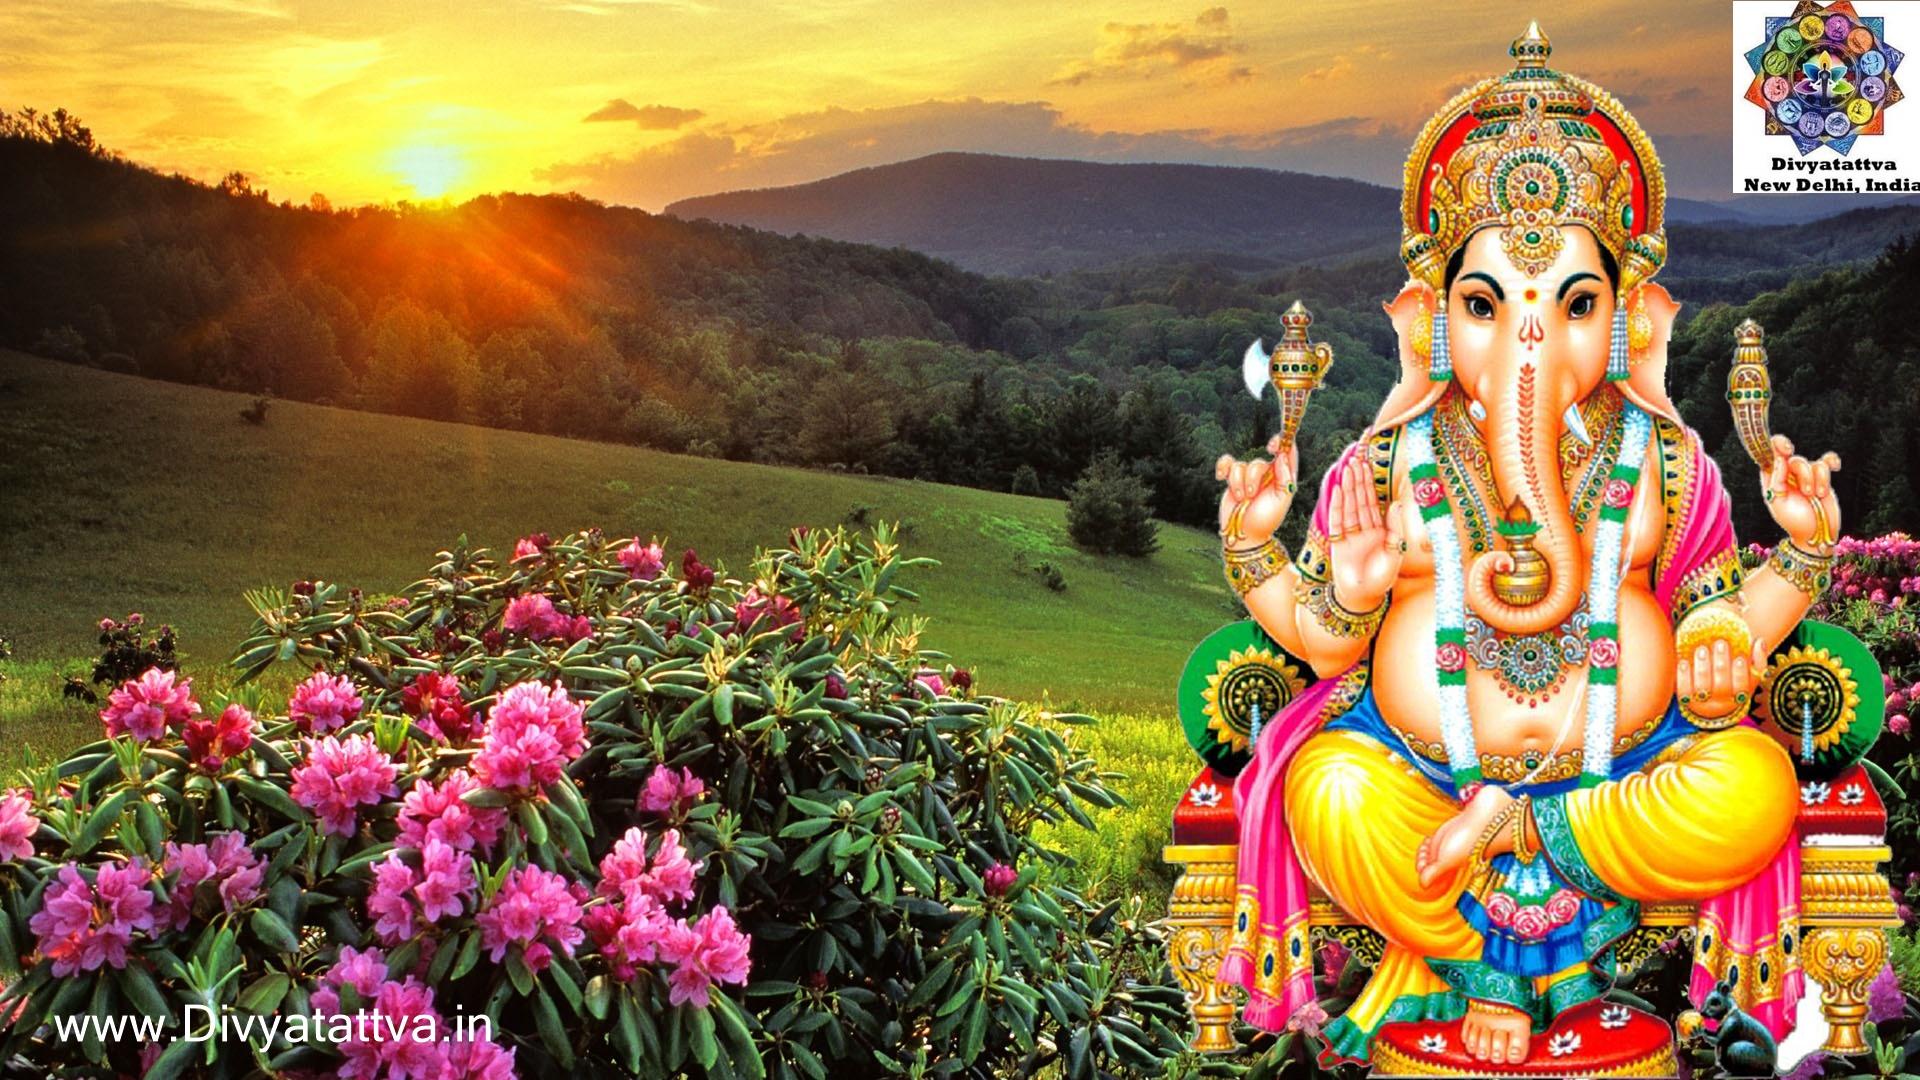 vinayagar chathurthi hd wallpaper, Ganesha 3D Wallpaper HD